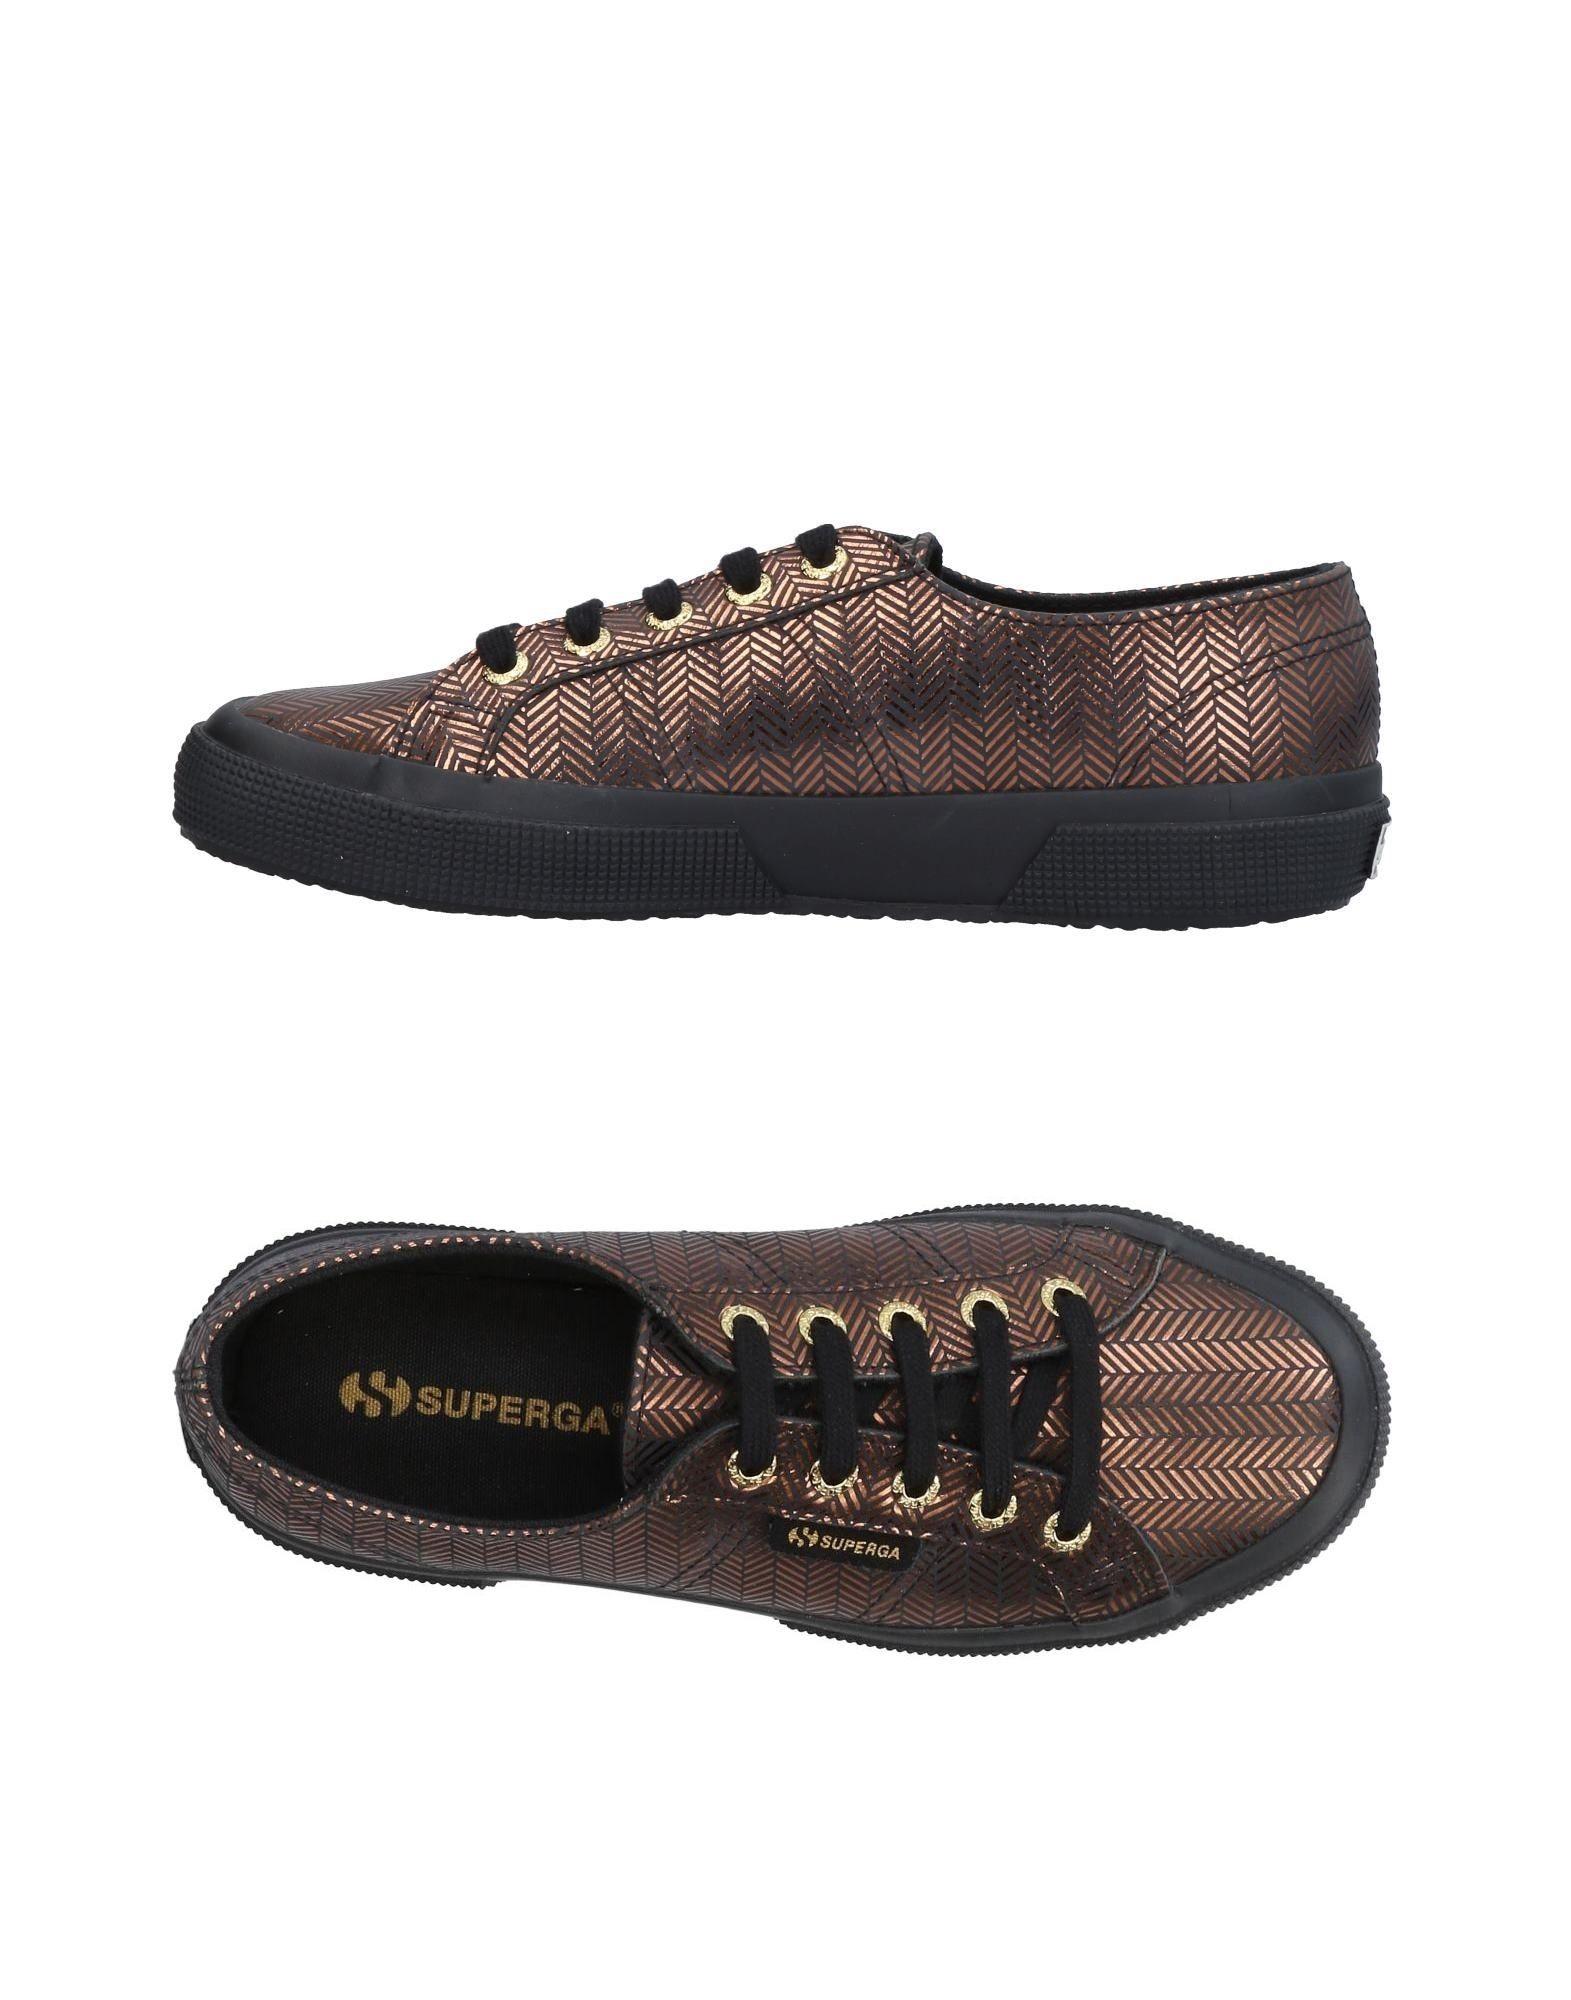 Zapatillas - Superga® Mujer - Zapatillas Zapatillas Superga®  Café cdfbc8